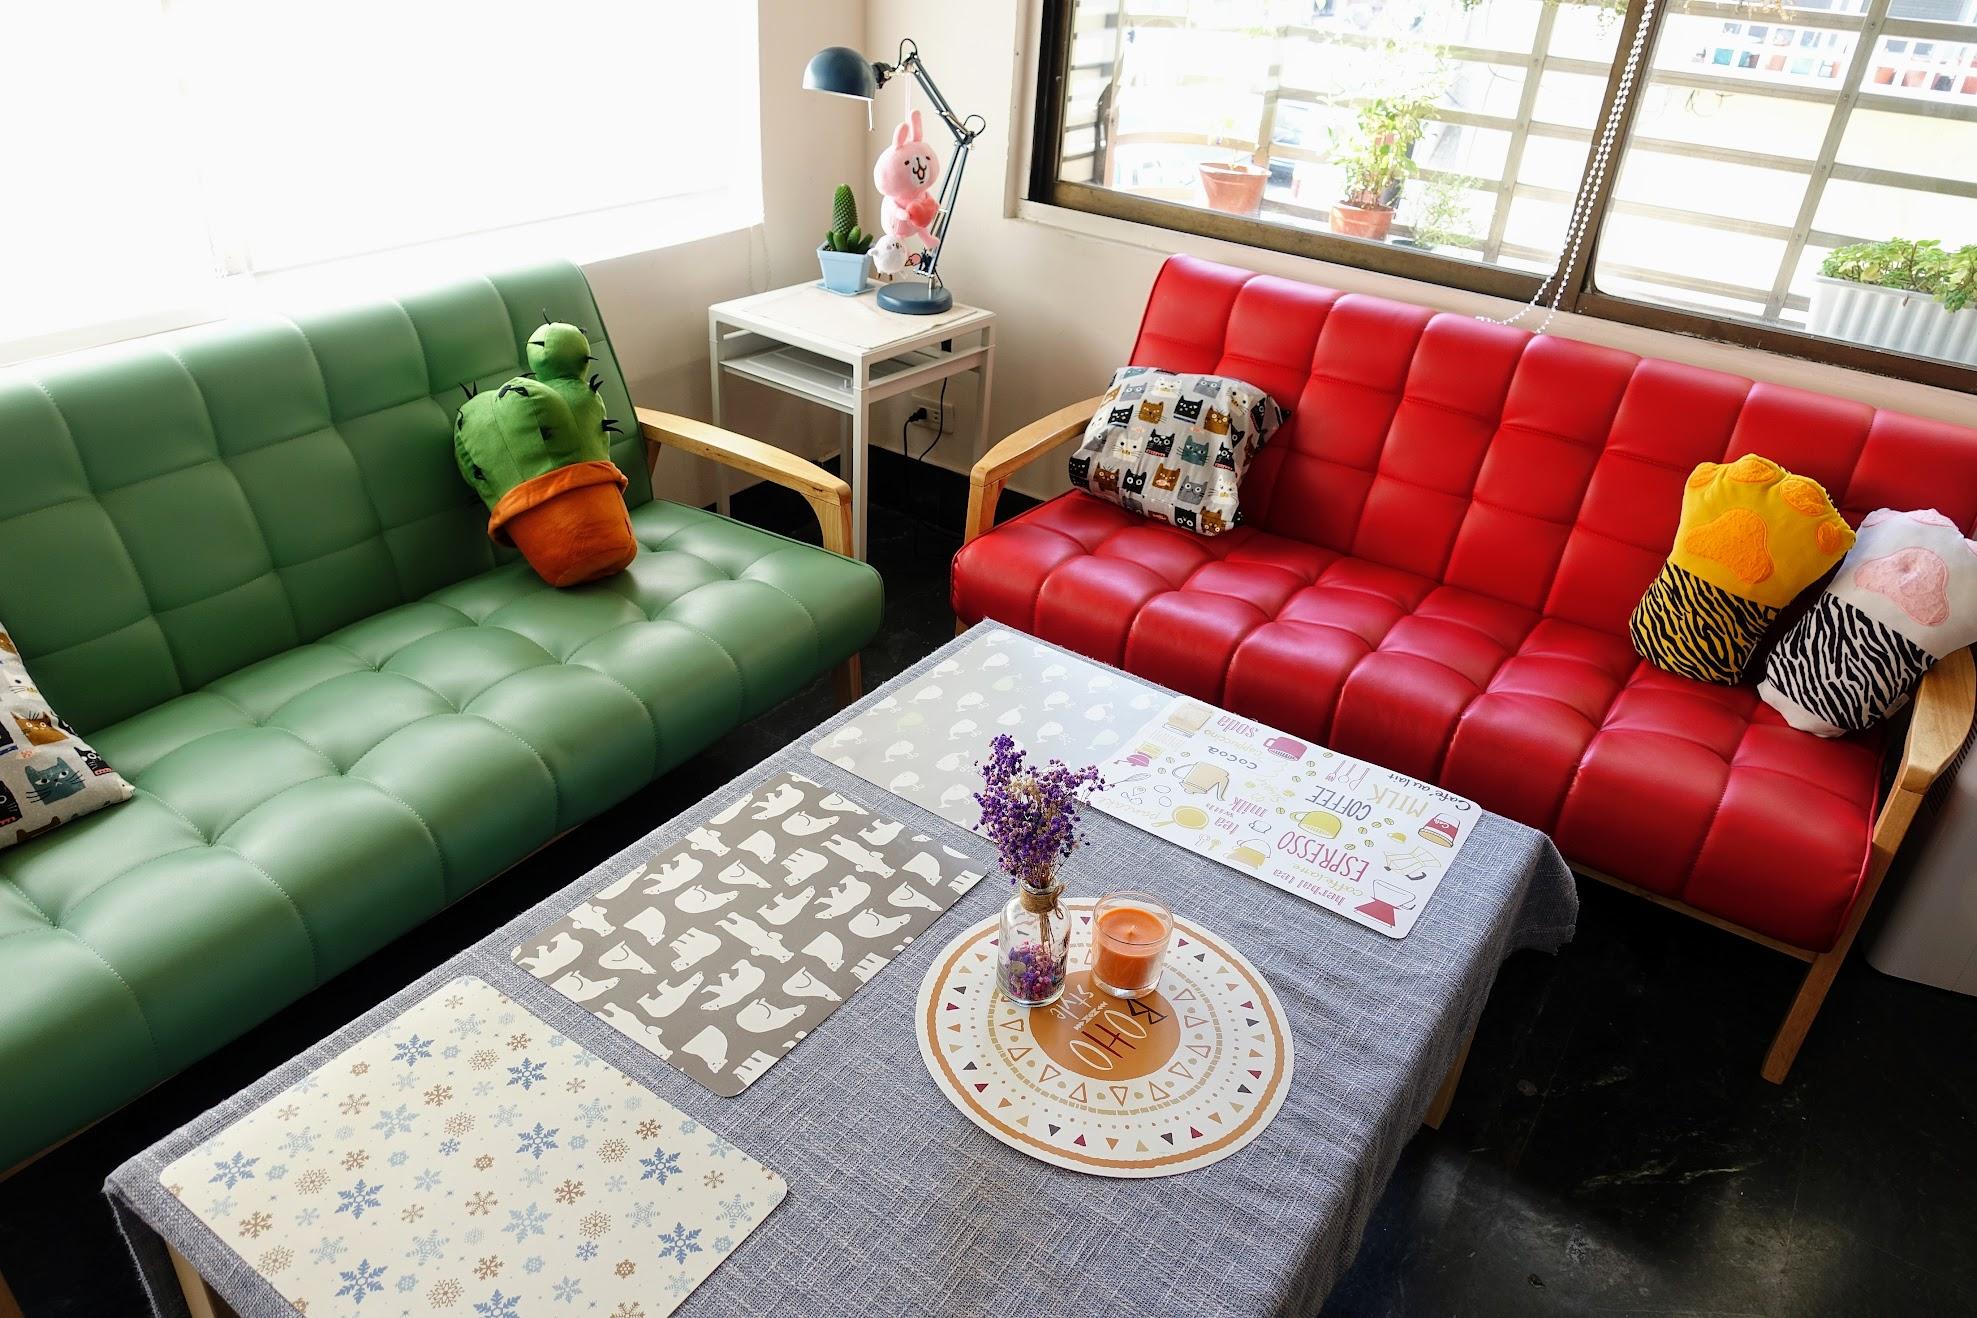 但我覺得這個沙發最對整家店的配色氣氛